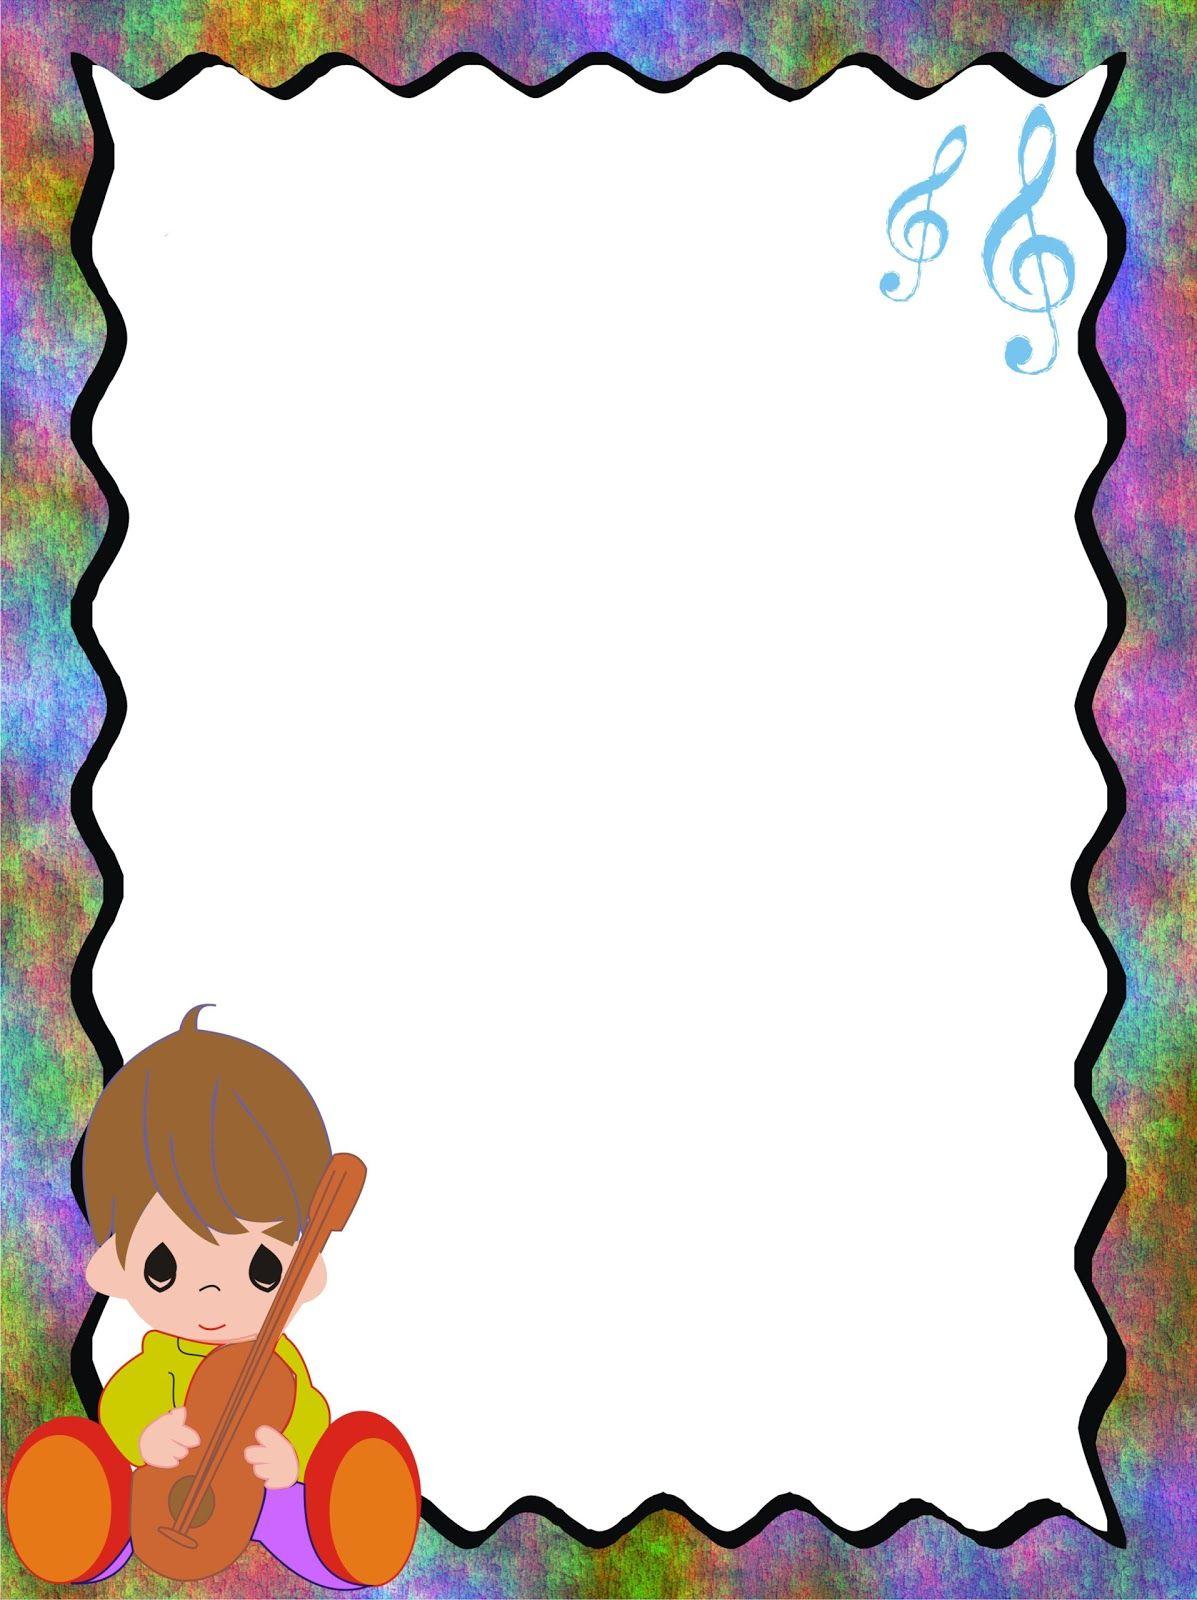 Imagenes de caratulas para niños de inicial - Imagui | caratulas y ...